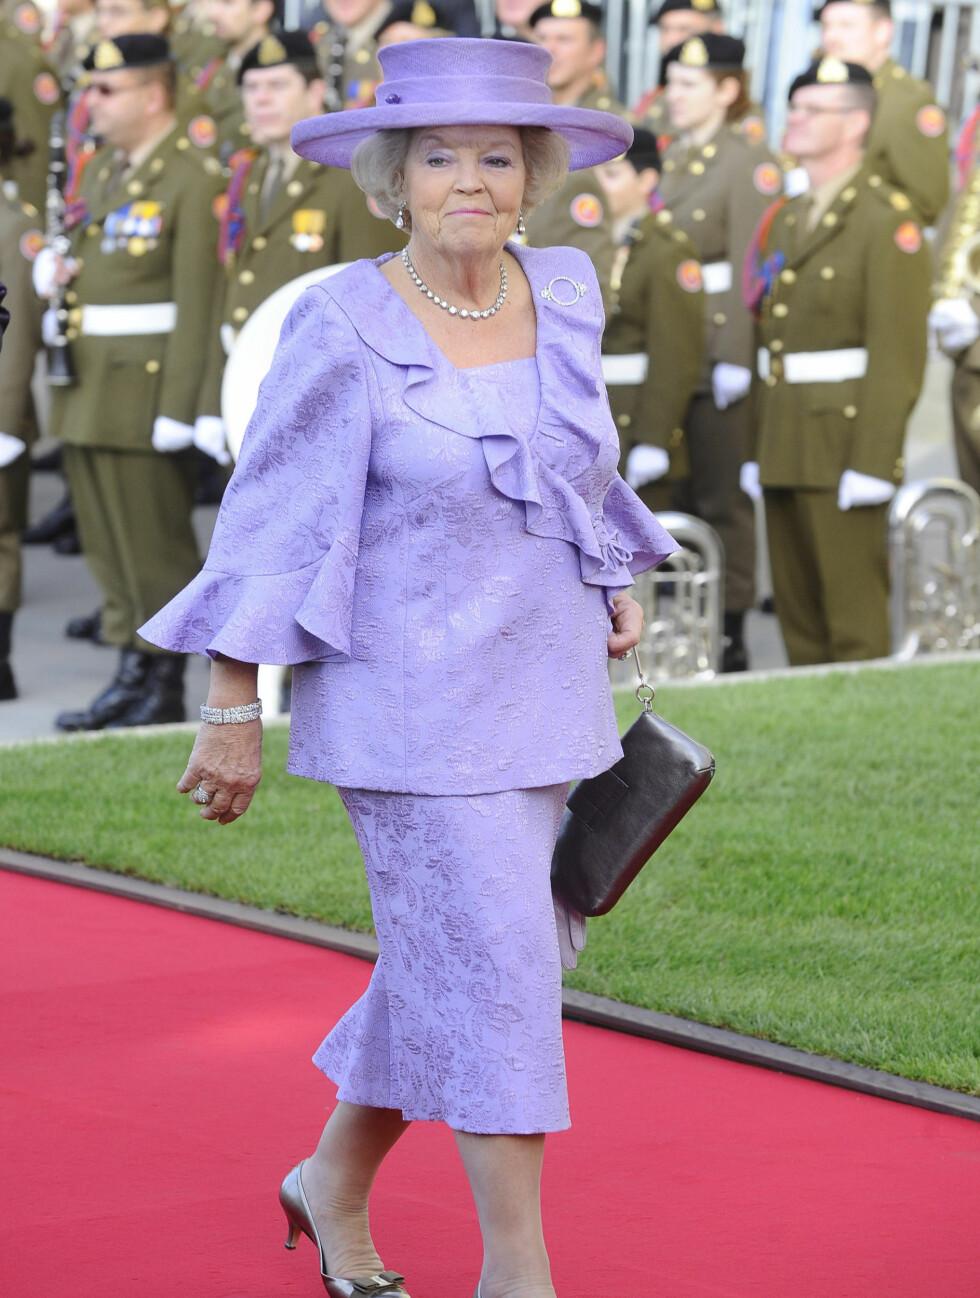 VALGTE LILLA: Dronning Beatrix av Nederland hadde valgt en lilla kjole for anledningen. Foto: FameFlynet